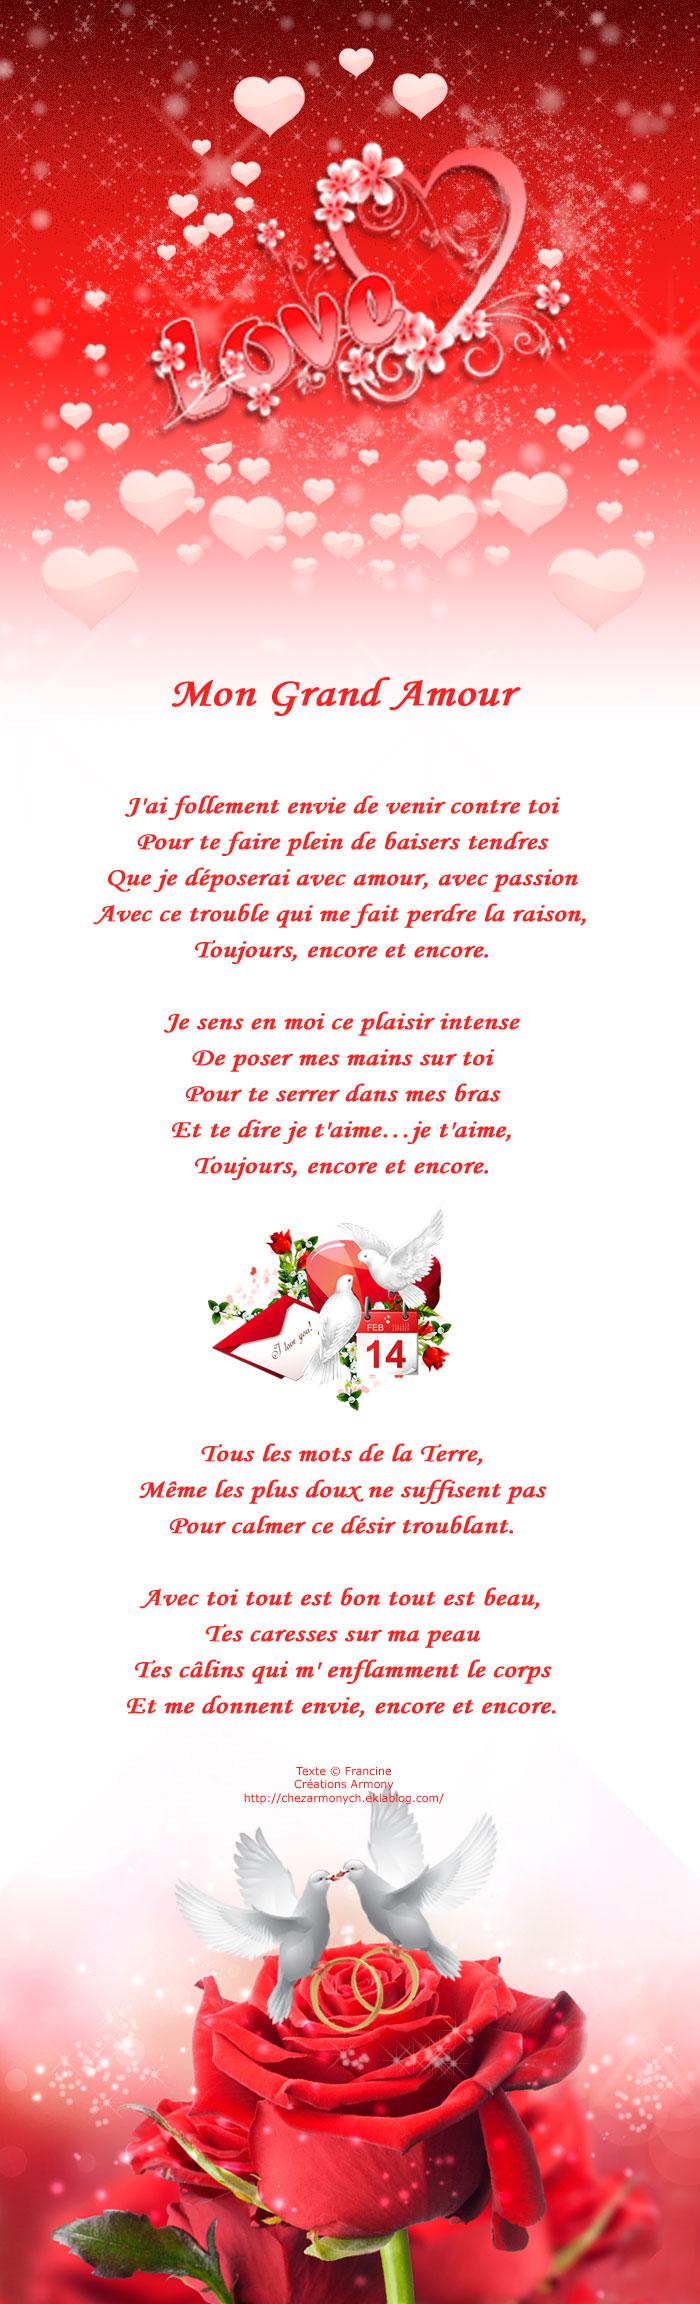 poème st-valentin, mon grand amour